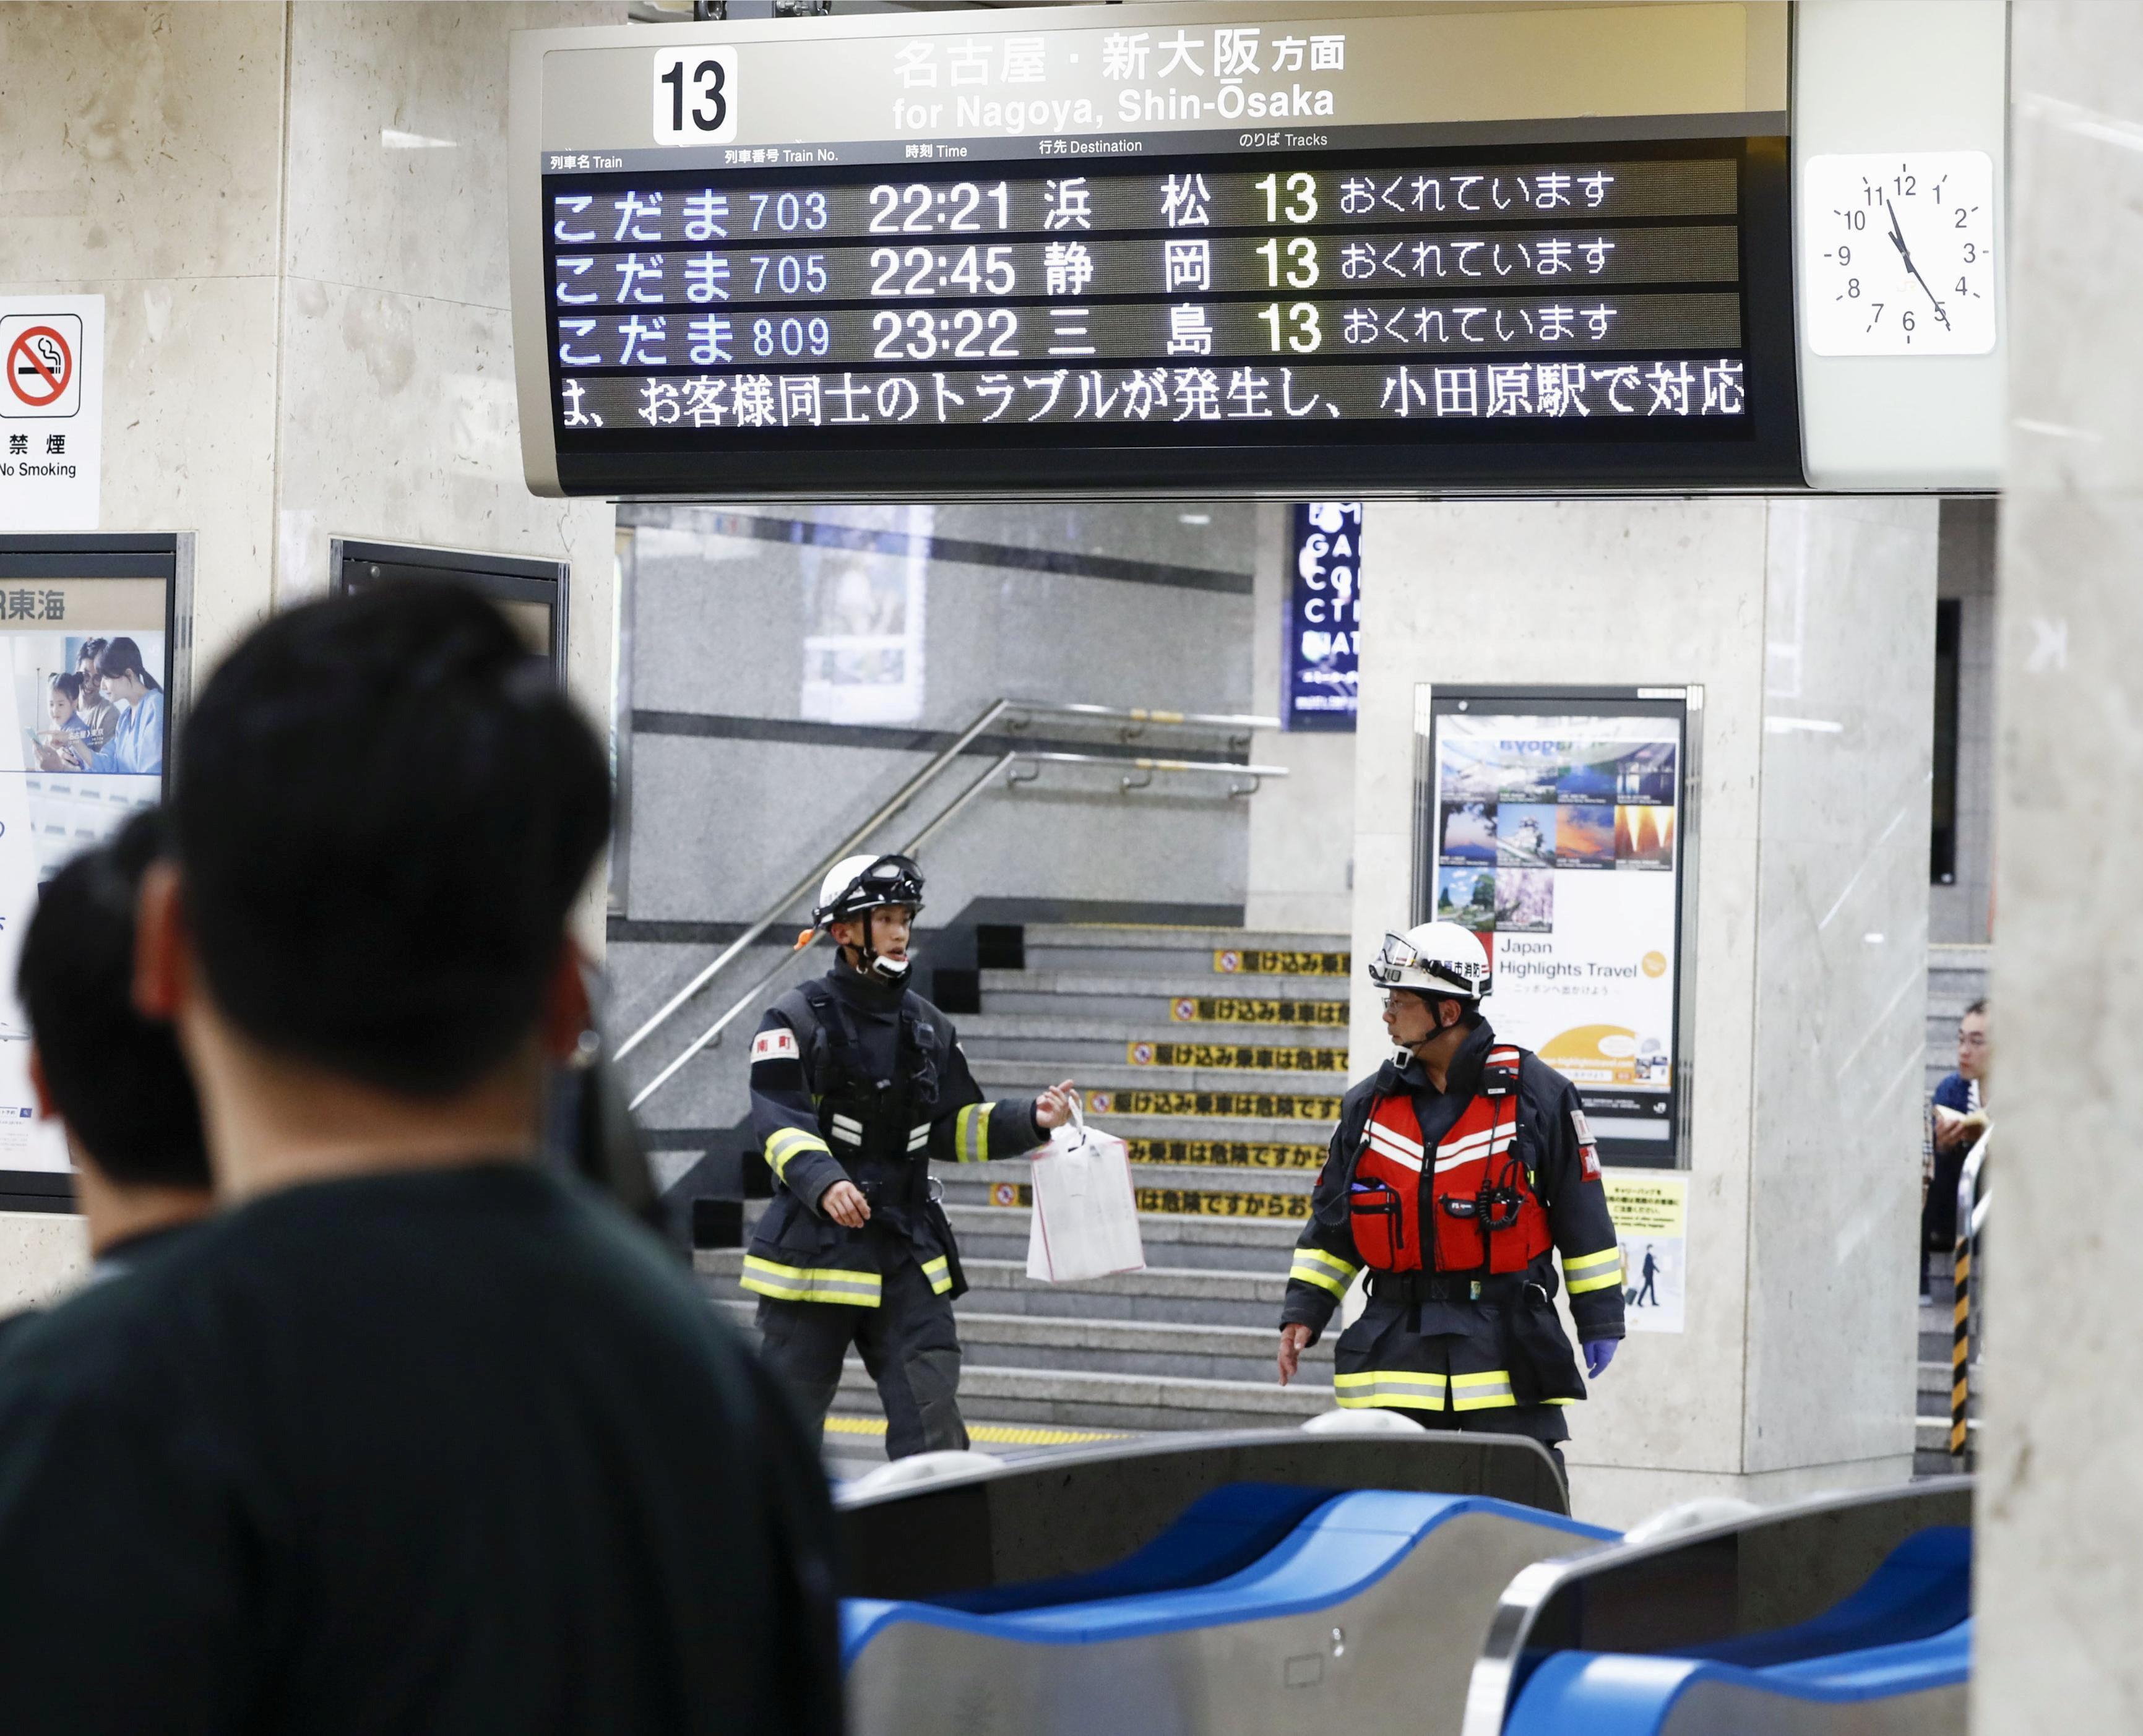 رجال الأمن داخل المترو